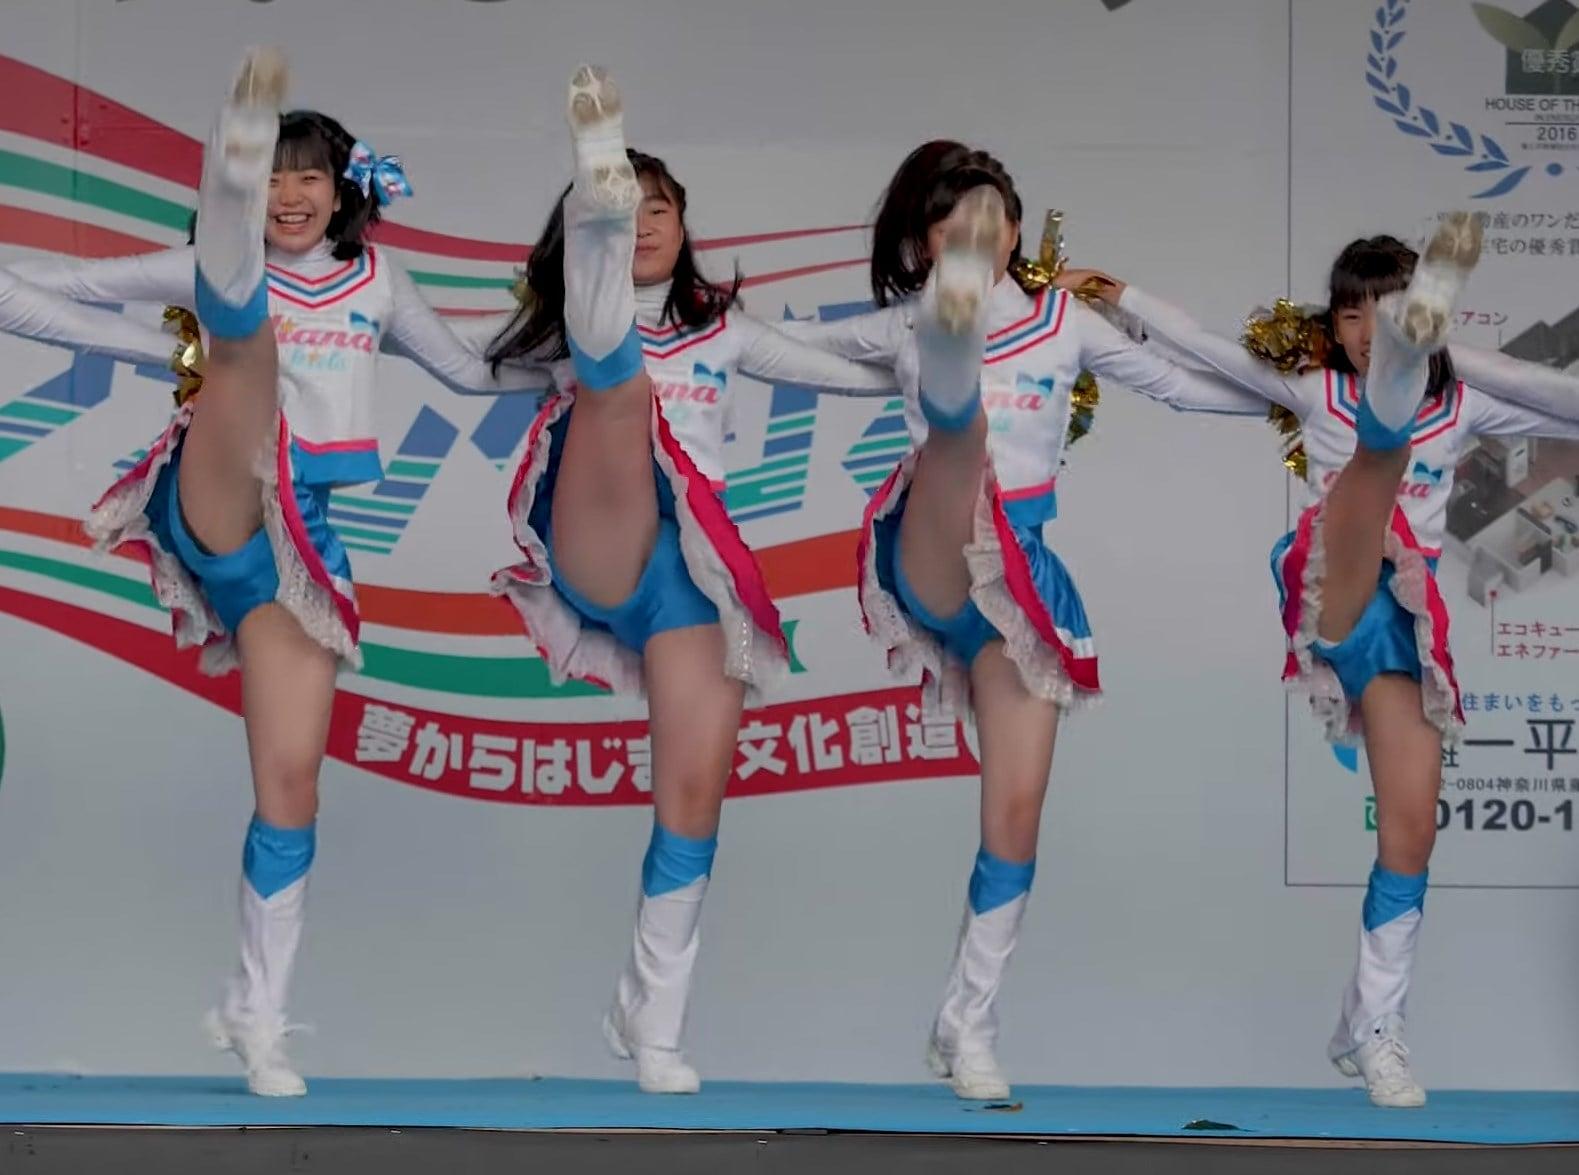 JS・JCチアチーム、演技で綿の生パンをハミパンしまくる